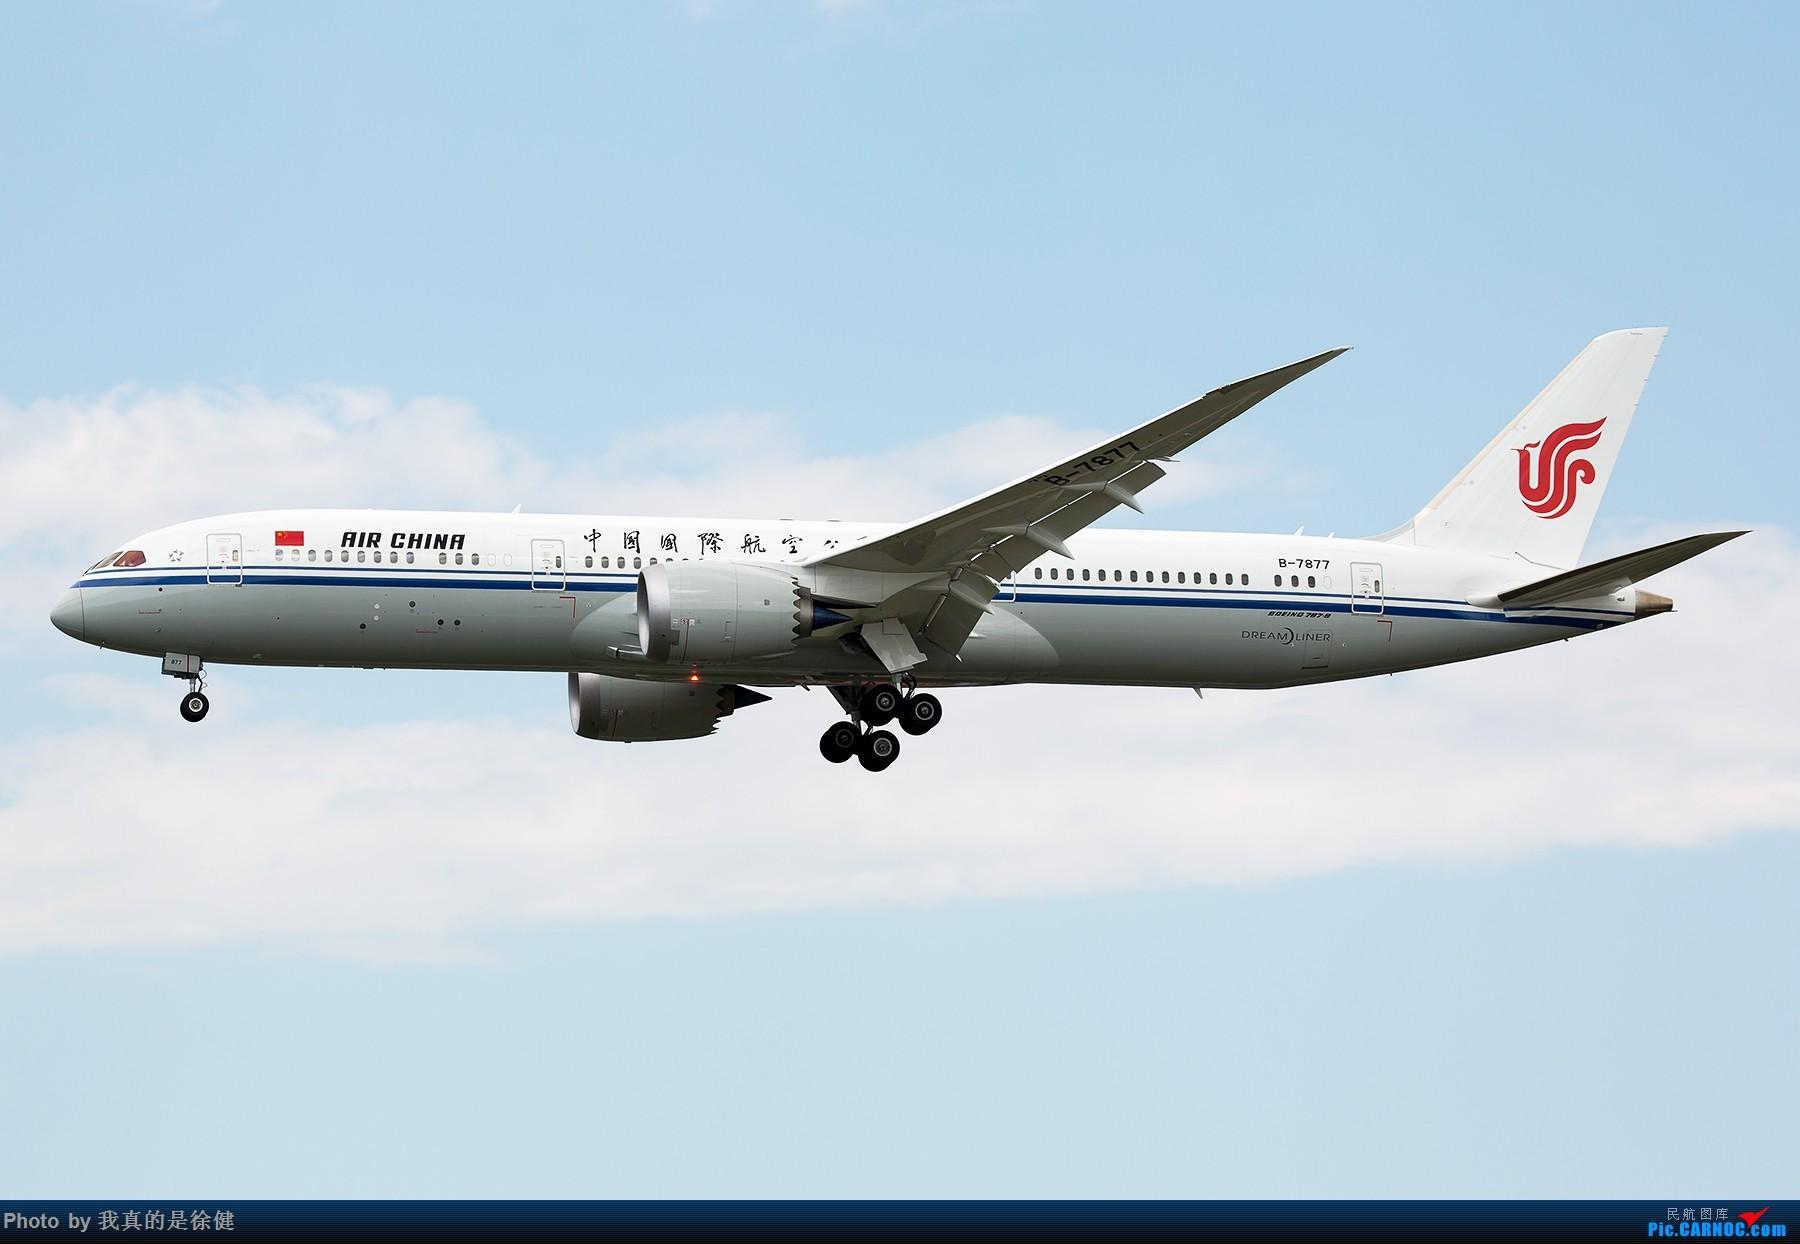 [原创]【多图党】1800x1200 截止目前国内的三架Boeing787-9 BOEING 787-9 B-7877 中国北京首都国际机场